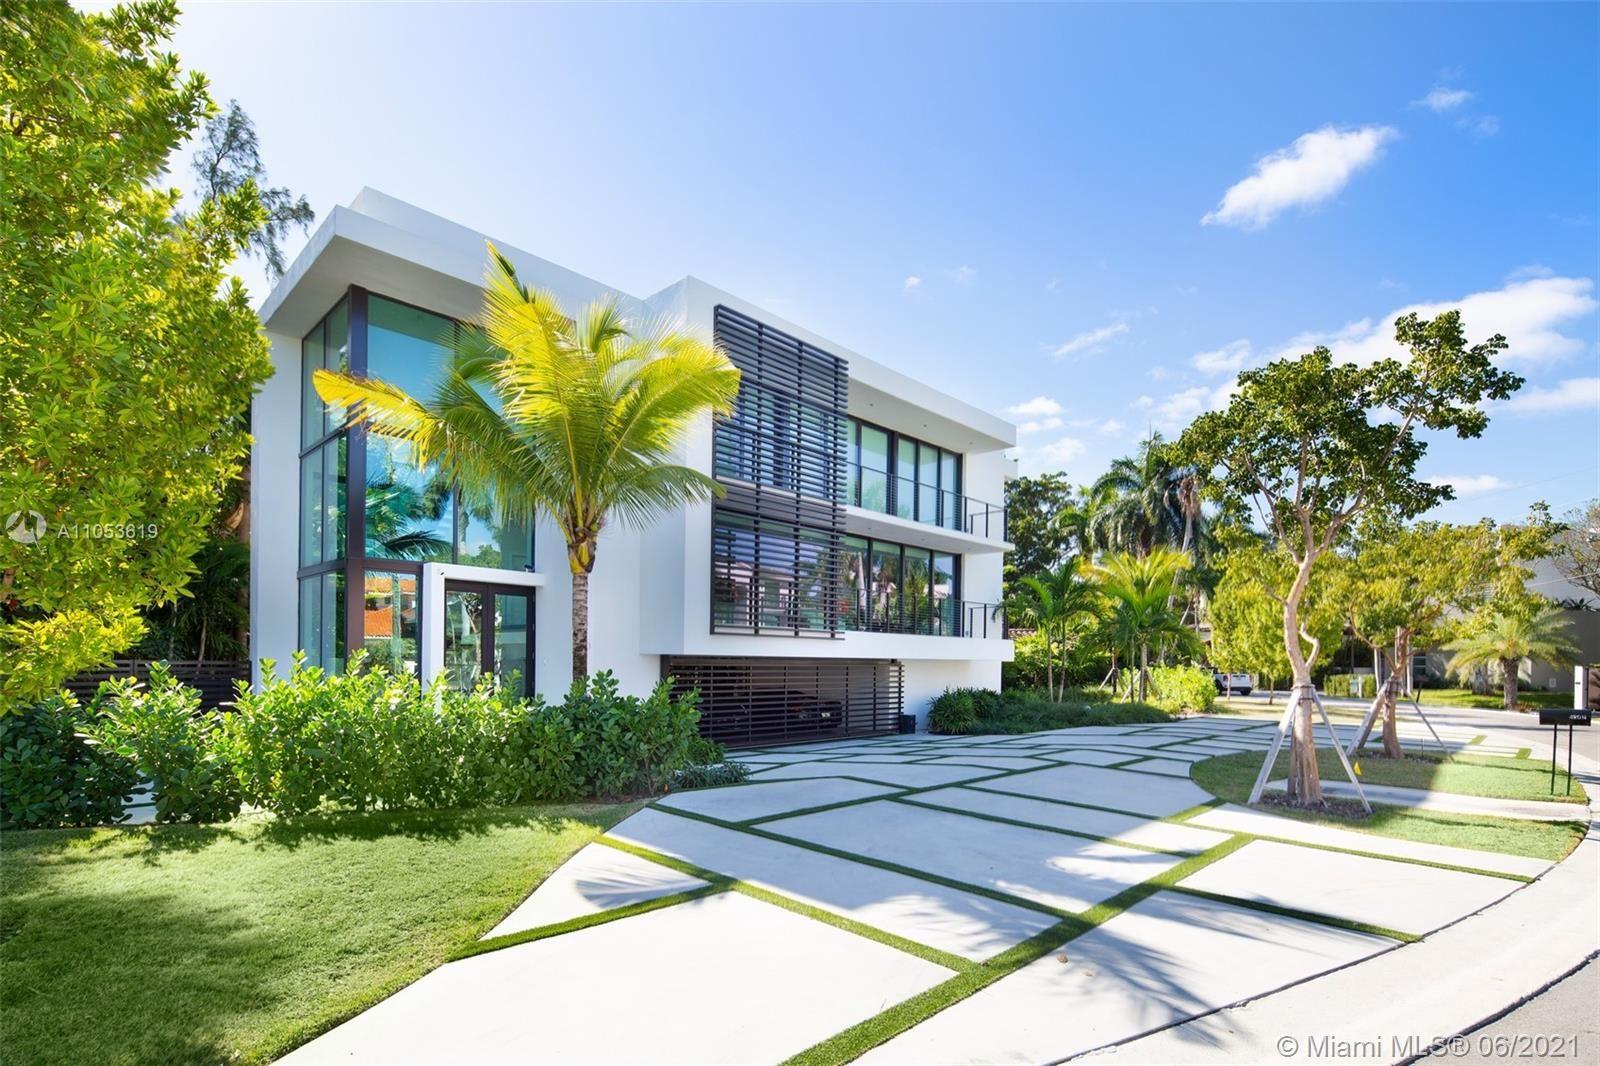 420 N Hibiscus Dr, Miami Beach, FL 33139 - #: A11053619